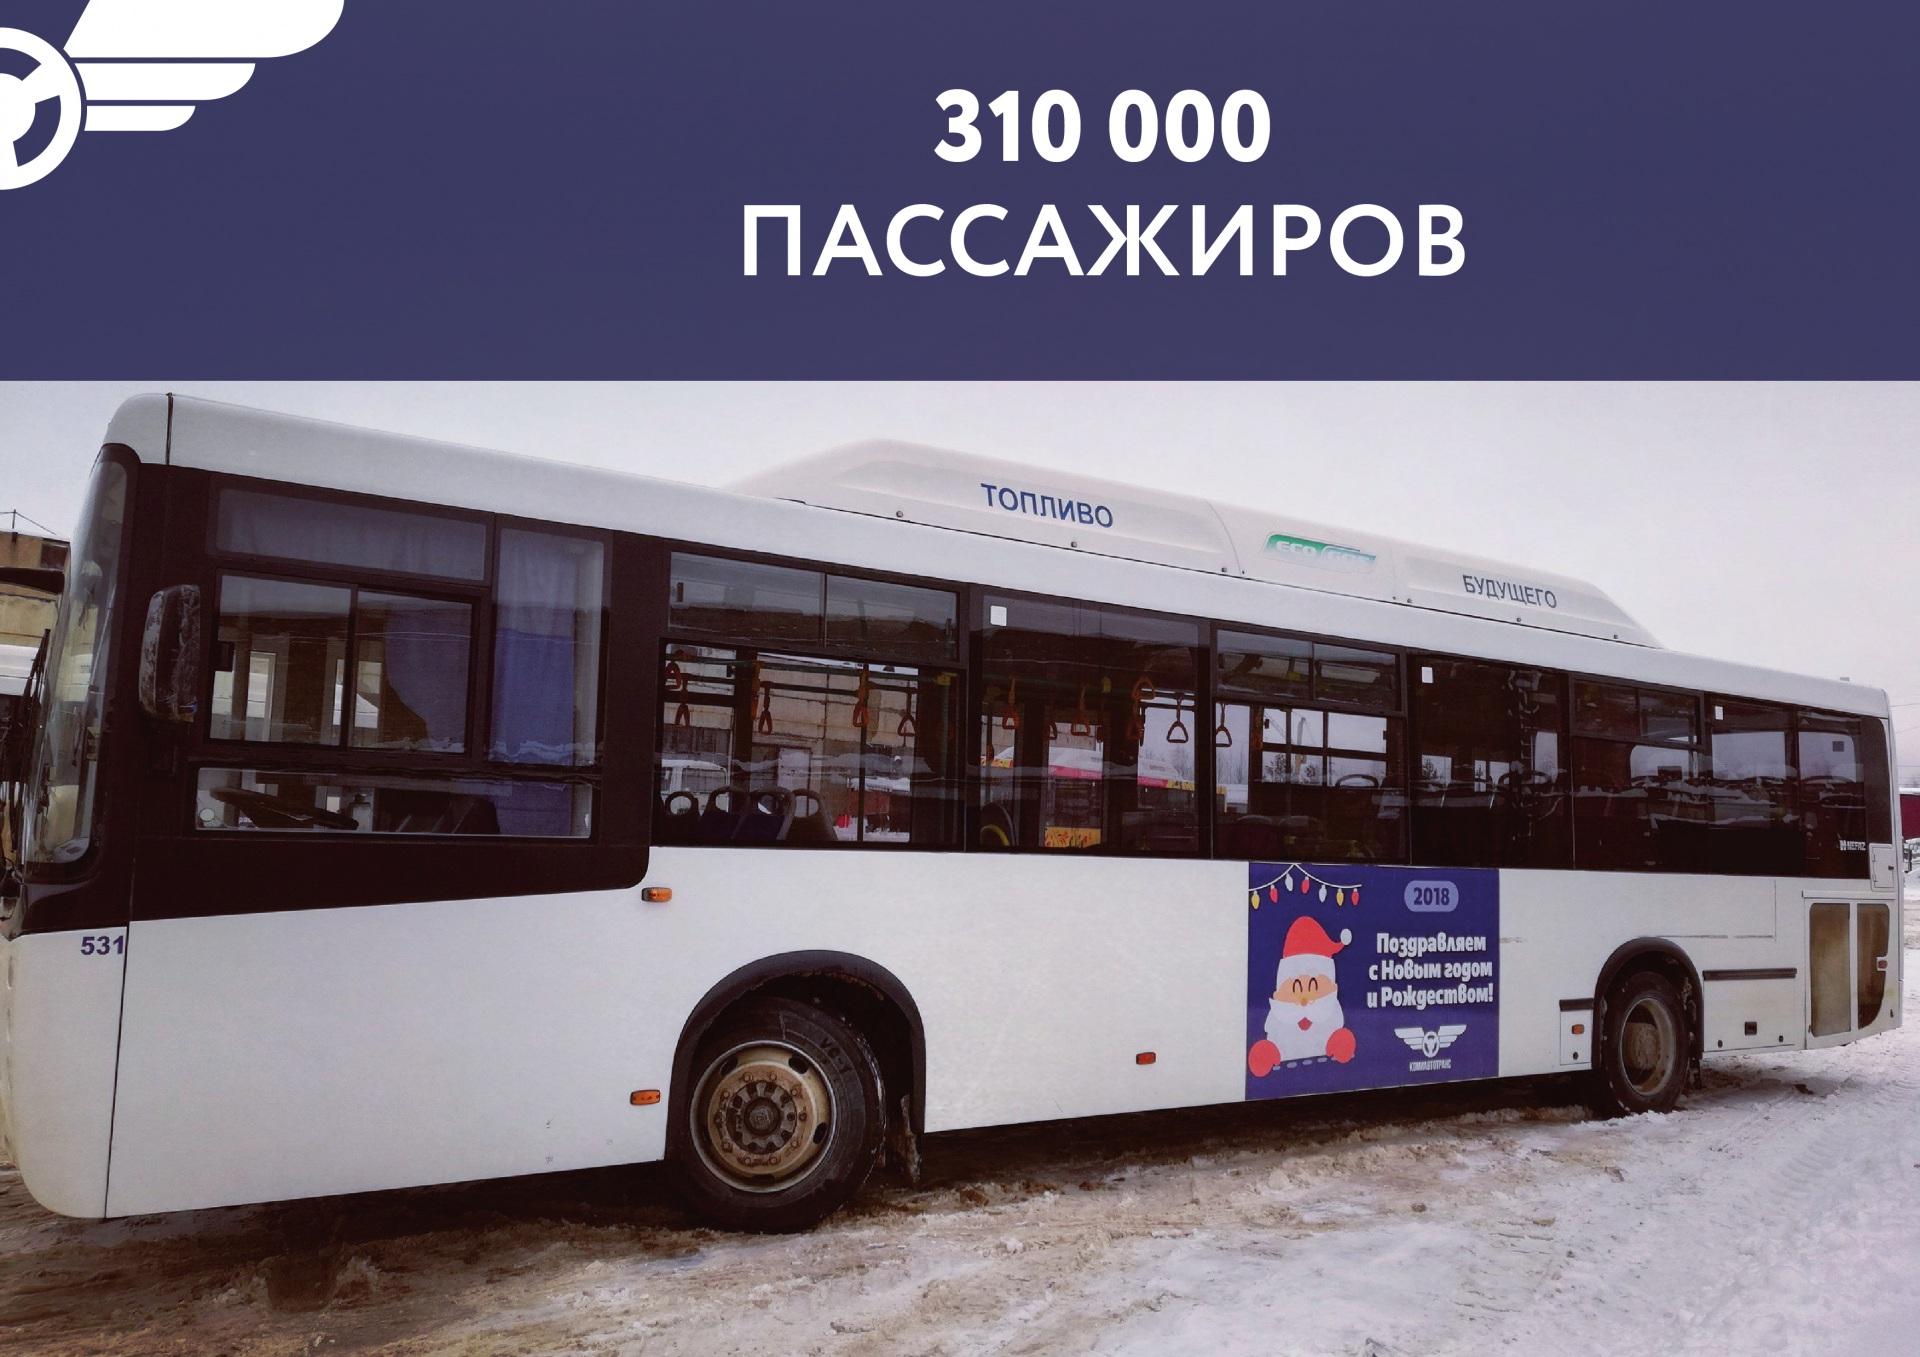 Post-dlya-VK_310-tysyach-passaghirov-01.jpg